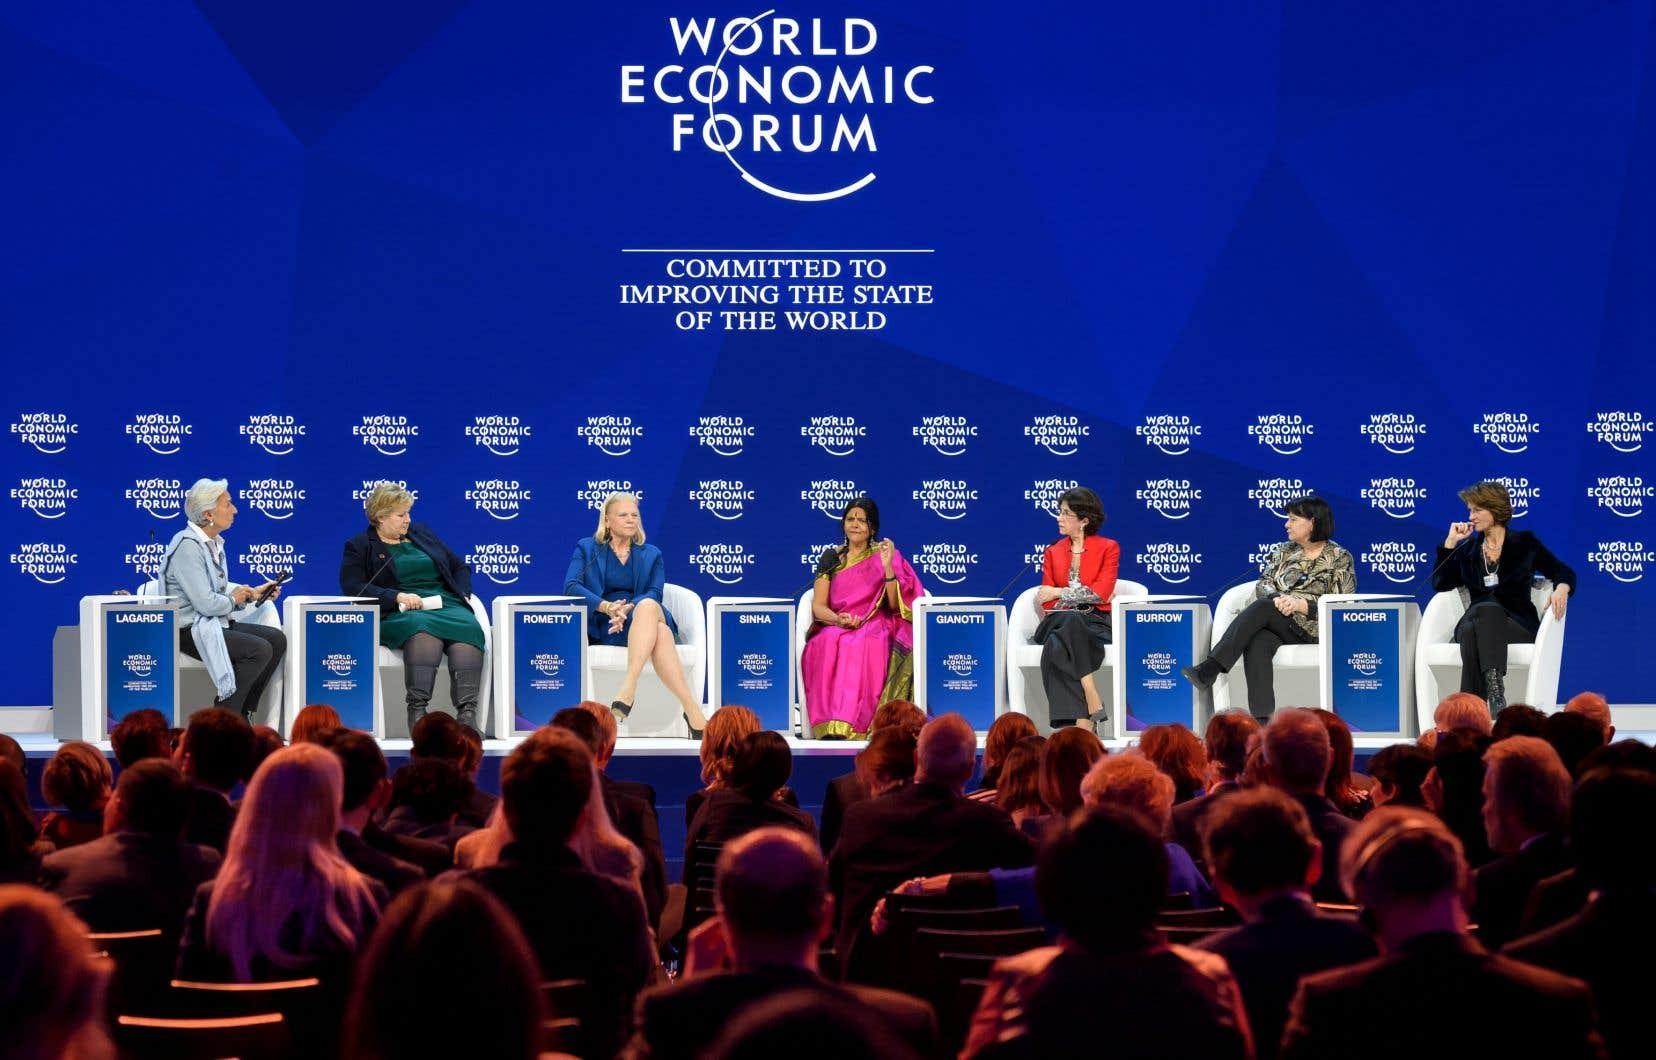 Les sept coprésidentes du Forum économique mondial, mardi, à Davos (à partir de la gauche) : Christine Lagarde, Erna Solberg, Ginni Rometty, Chetna Sinha, Fabiola Gianotti, Sharan Burrow et Isabelle Kocher.